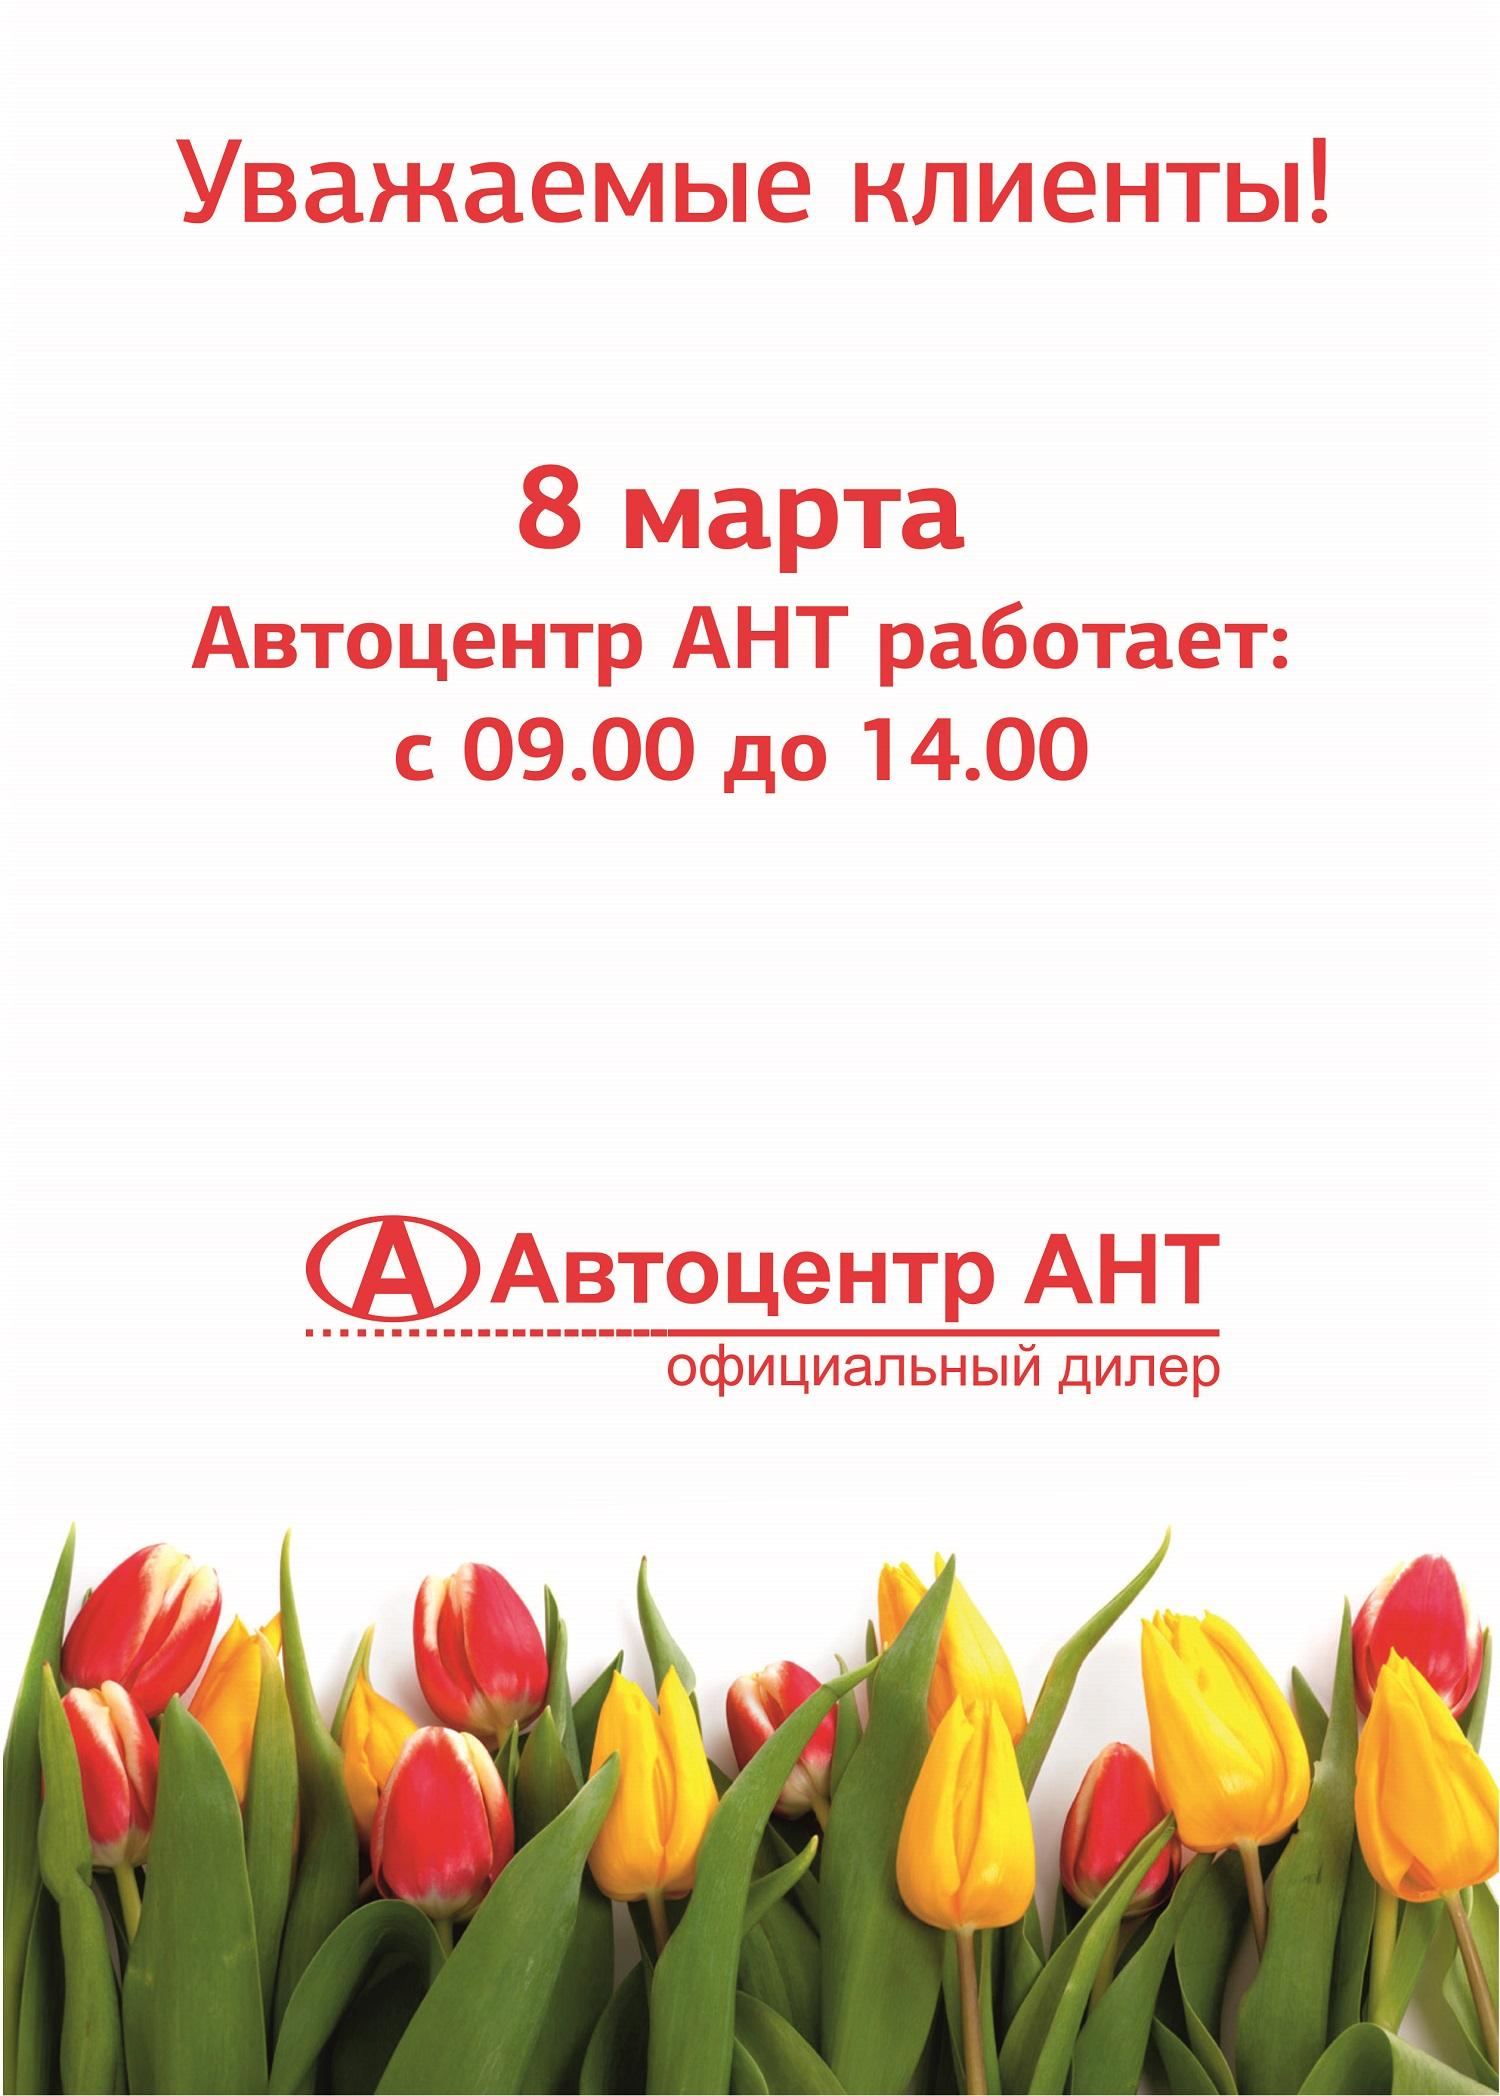 Открытки клиентам с 8 марта, дню